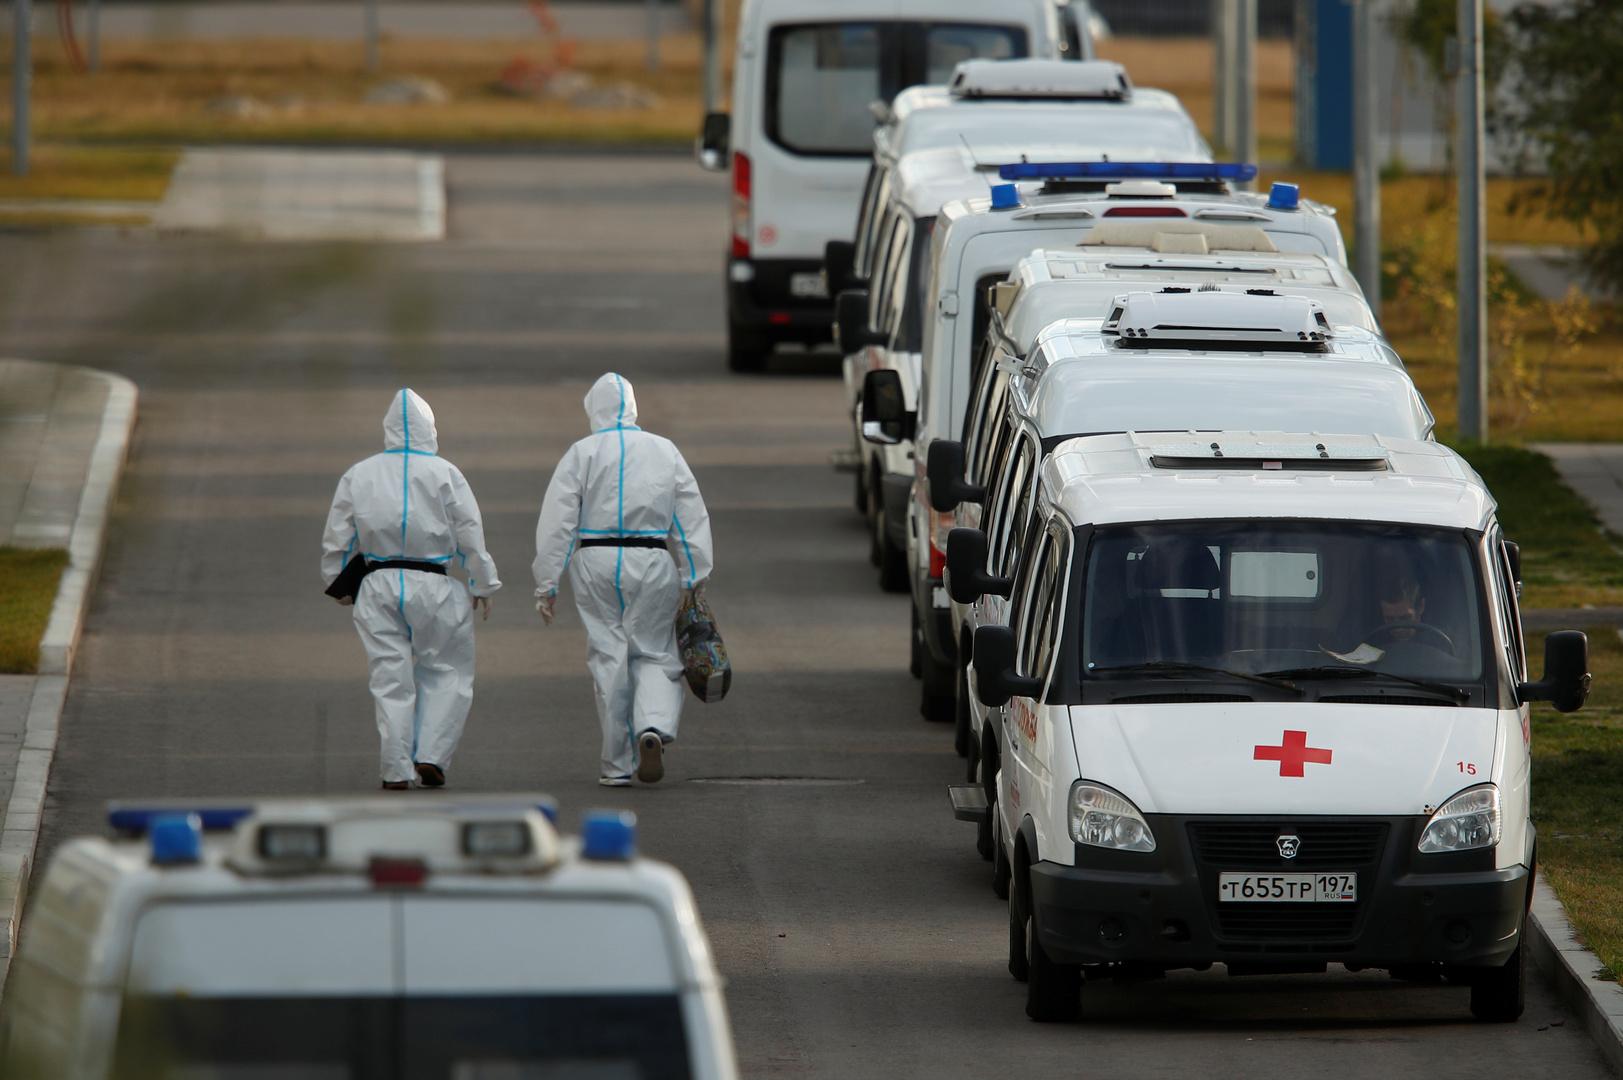 روسيا تسجل 185 وفاة و15099 إصابة جديدة بفيروس كورونا خلال الساعات الـ24 الماضية